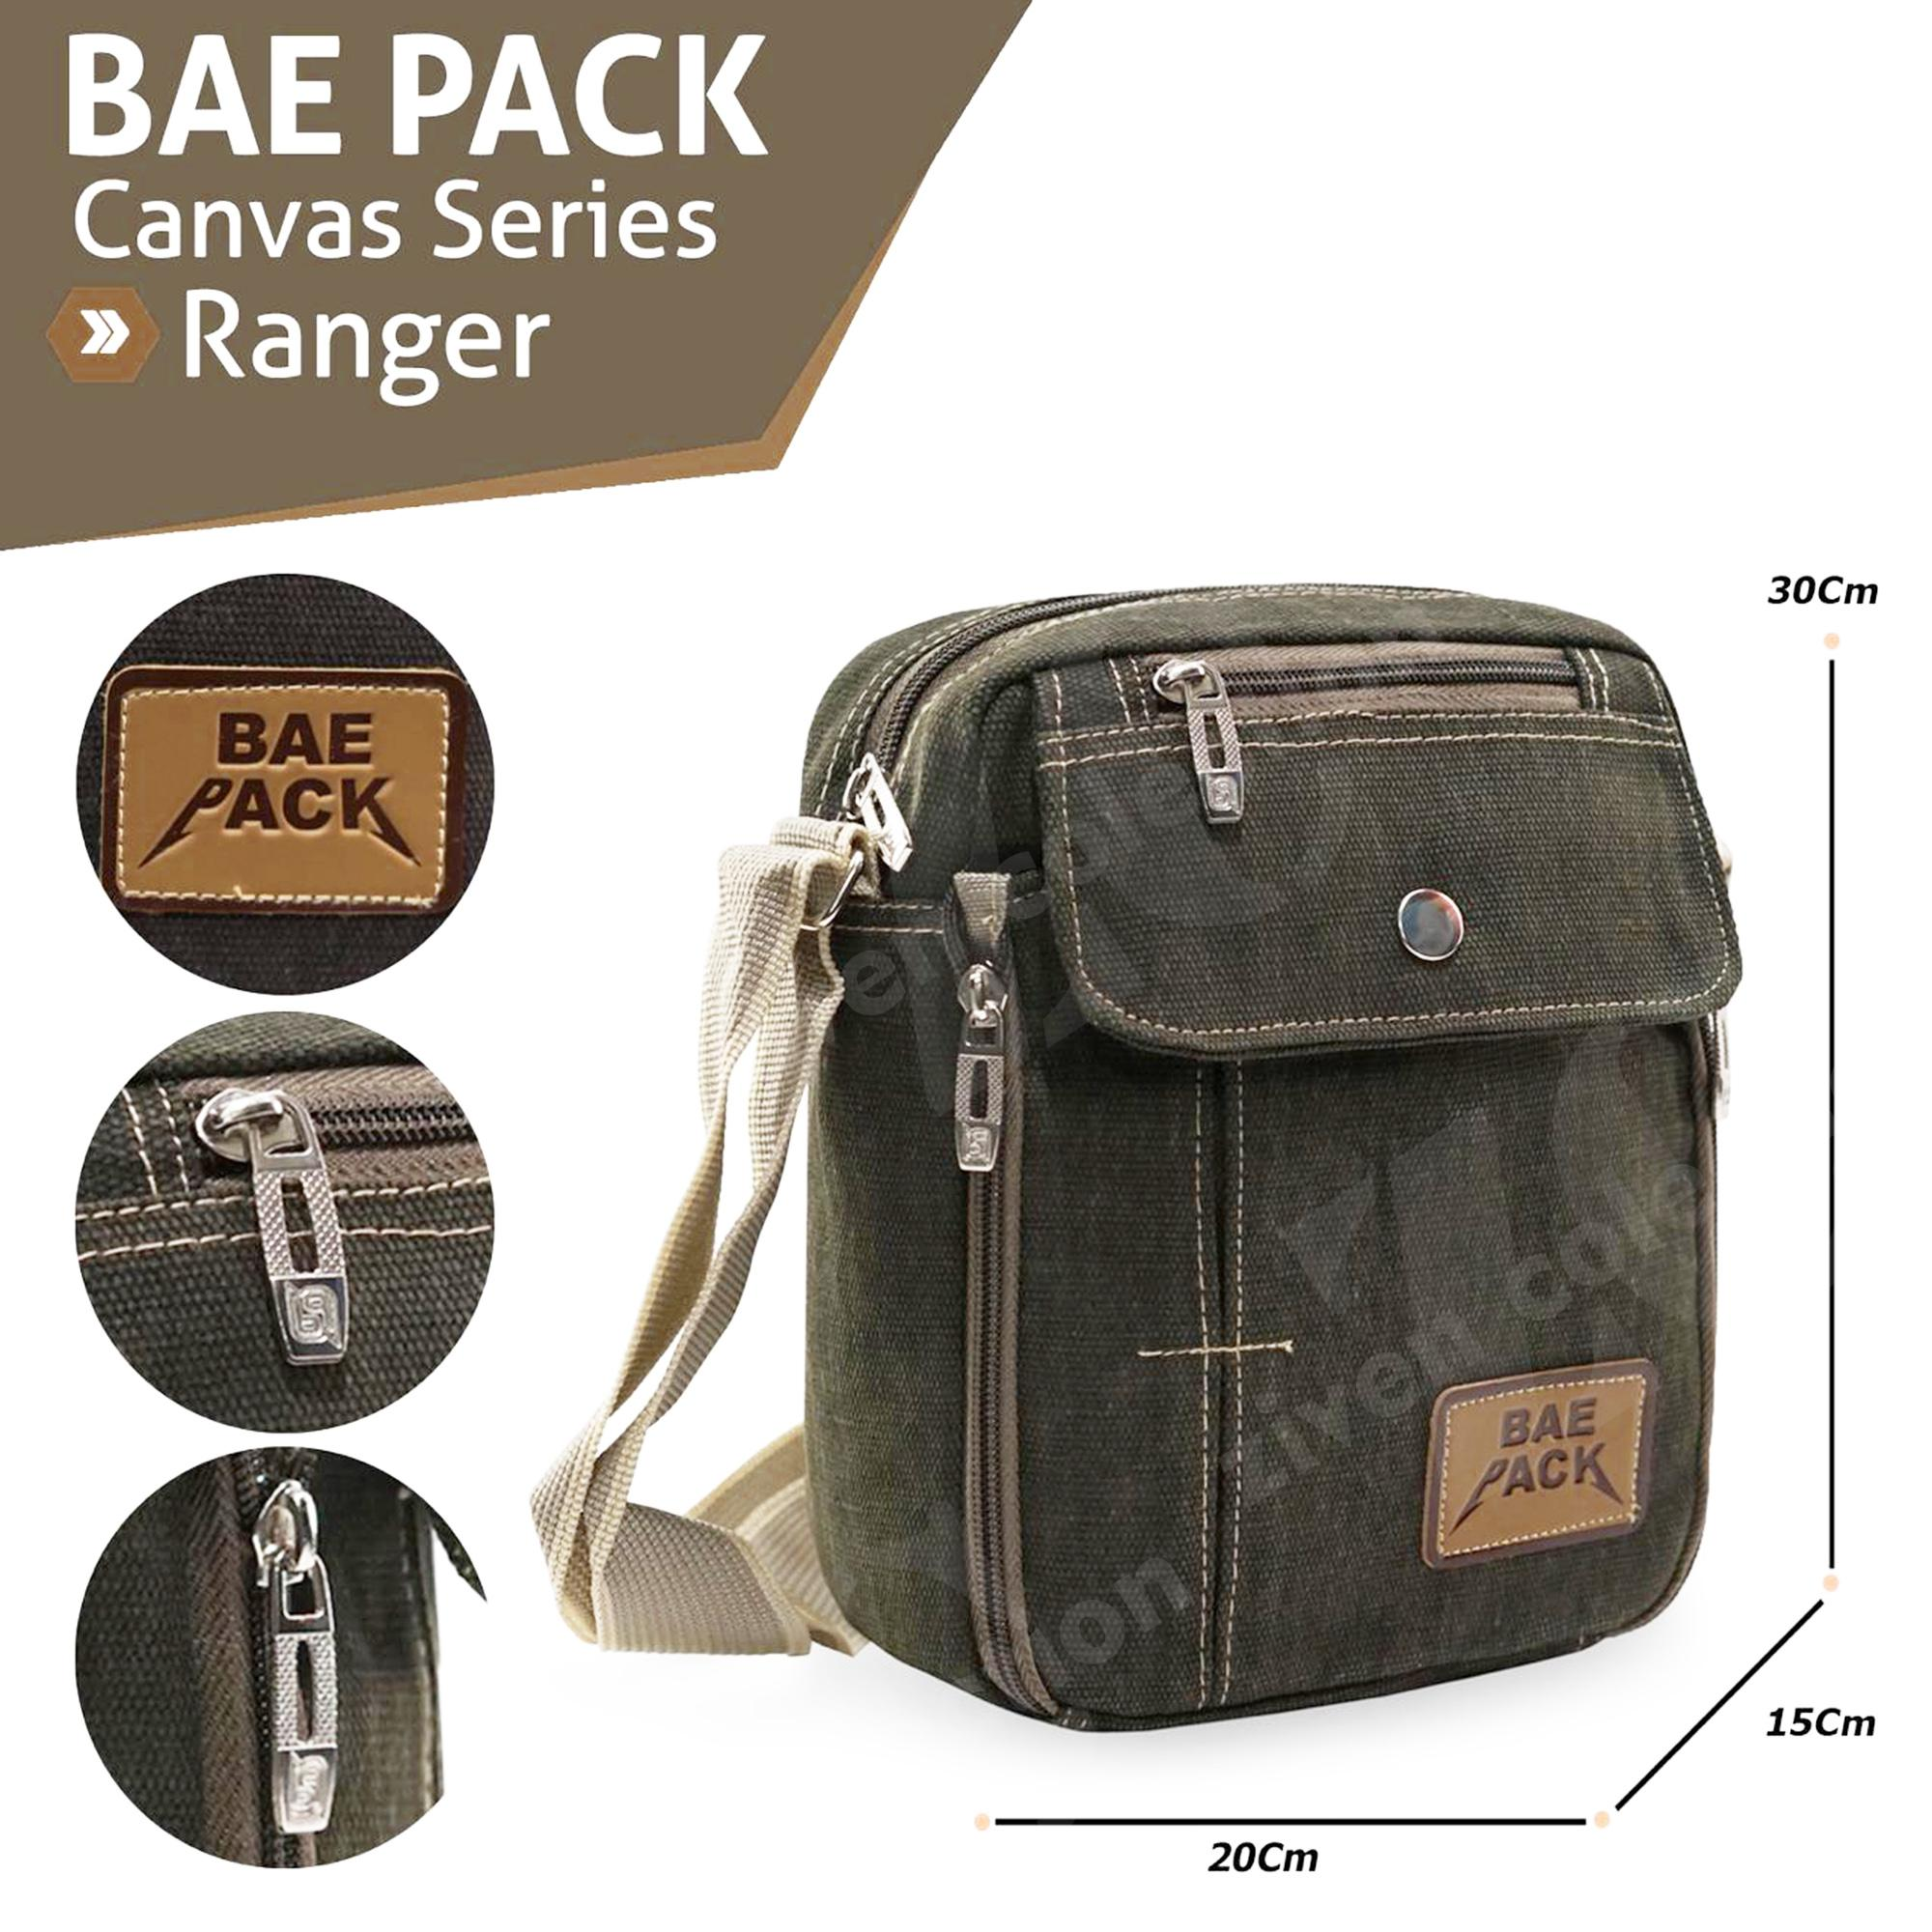 Baepack Ranger Tas Pria Men Vintage Canvas Multifunction Travel Satchel Messenger Shoulder Bag 1507-7ZV